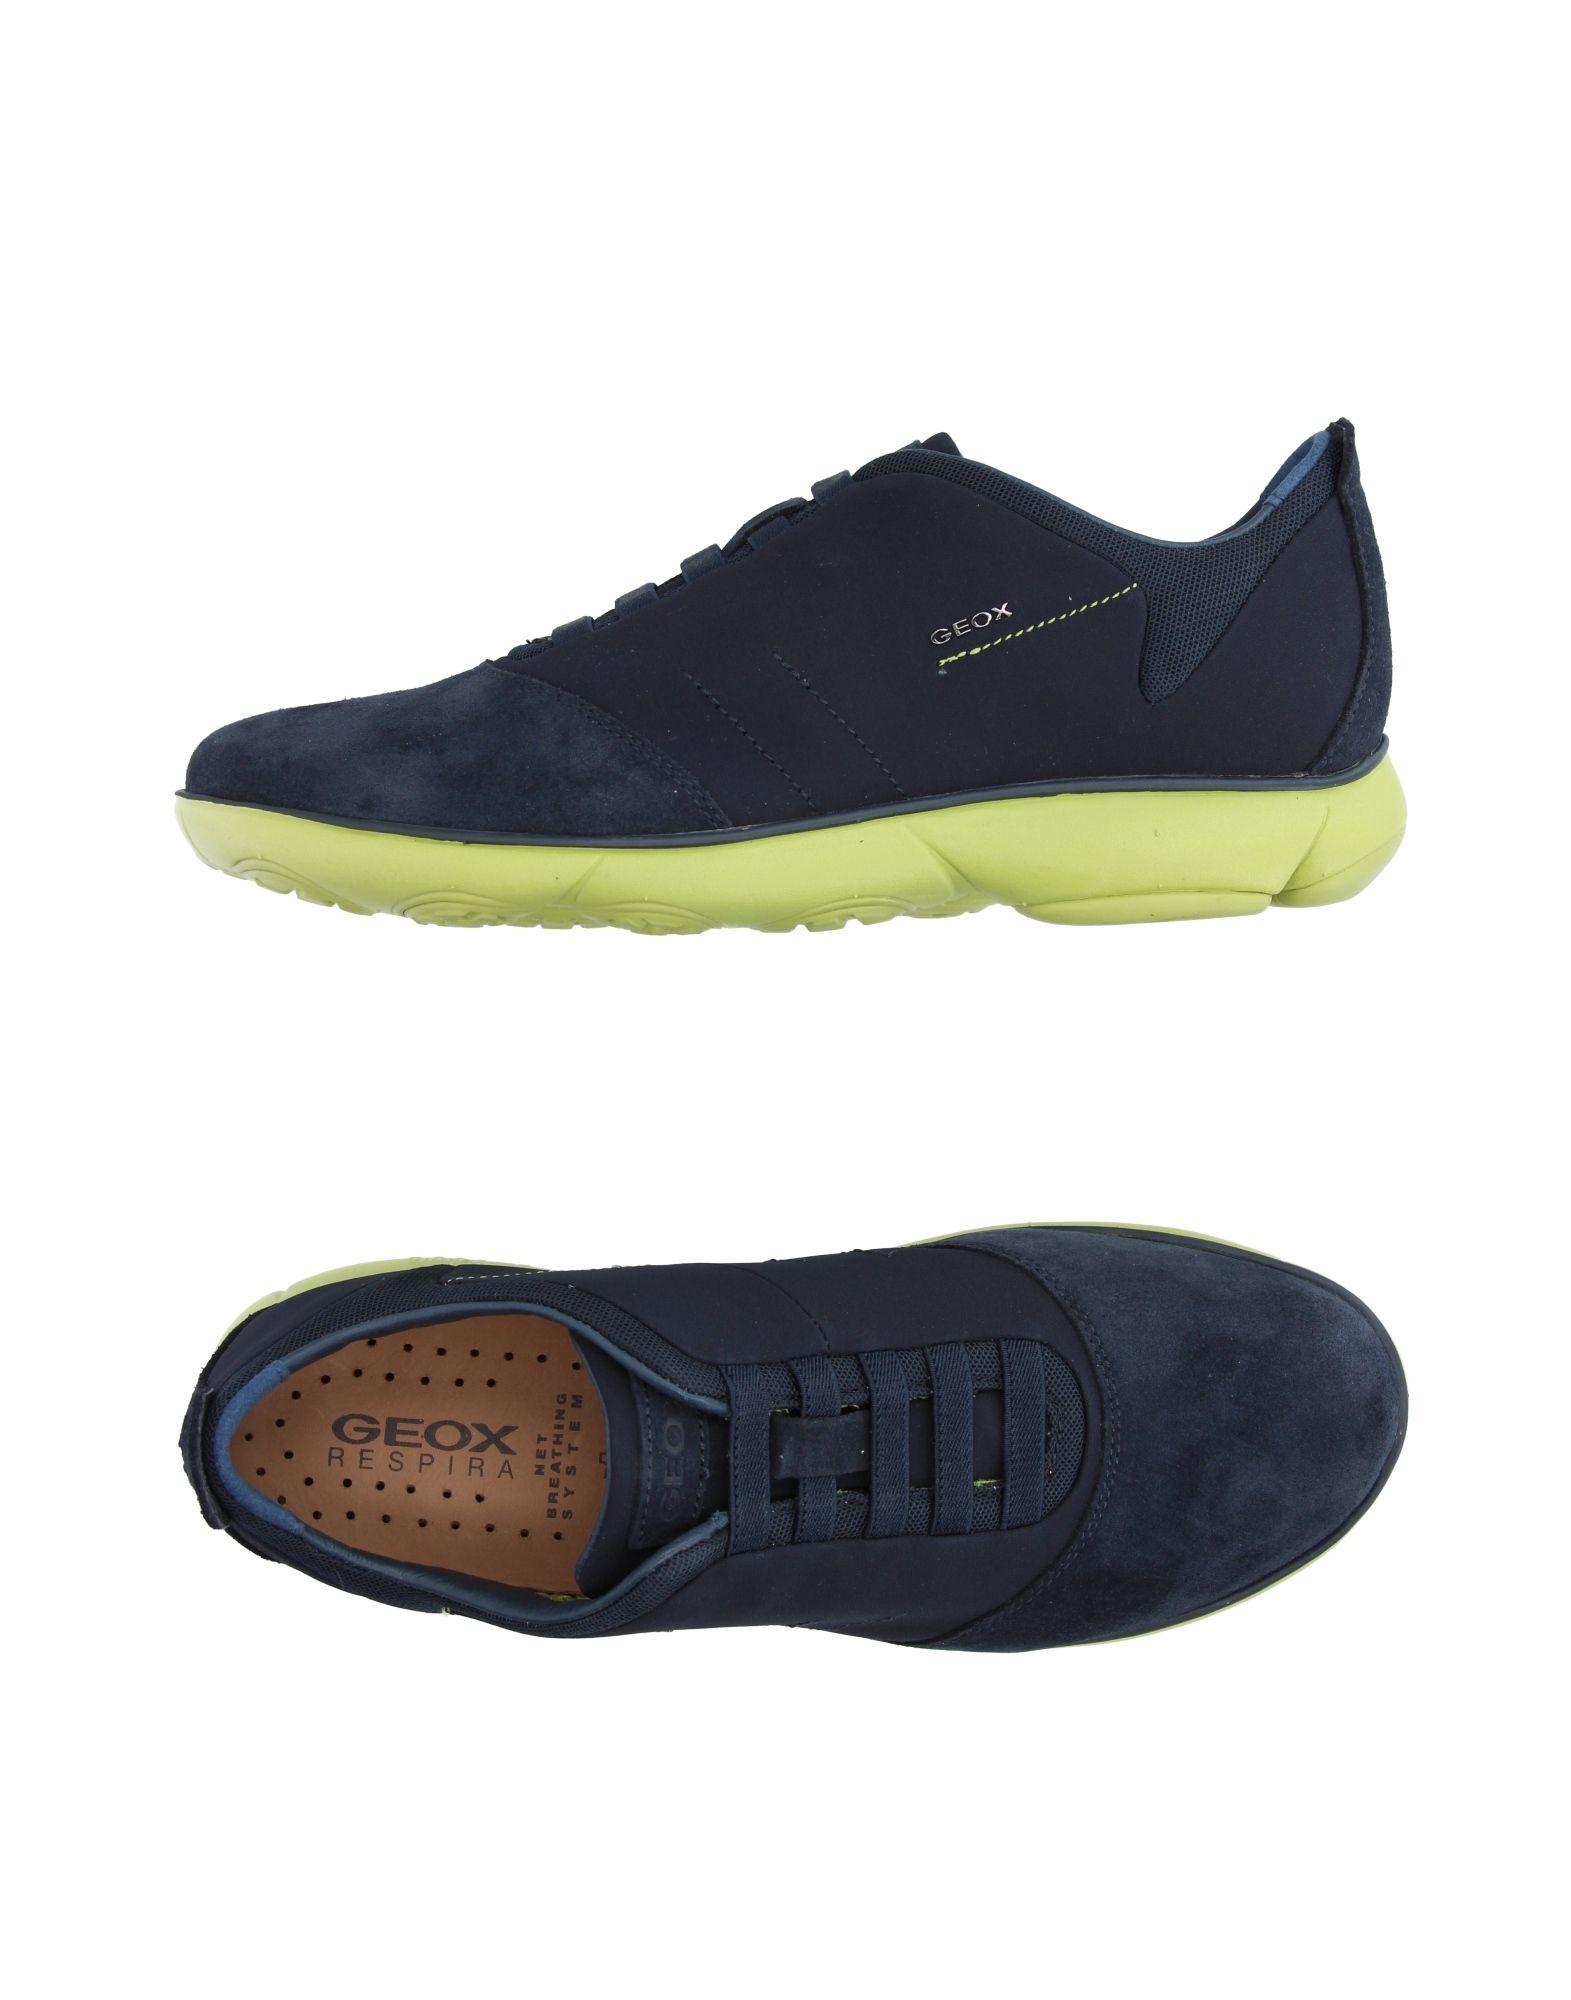 Sneakers Geox Homme - Sneakers Geox  Noir Super rabais